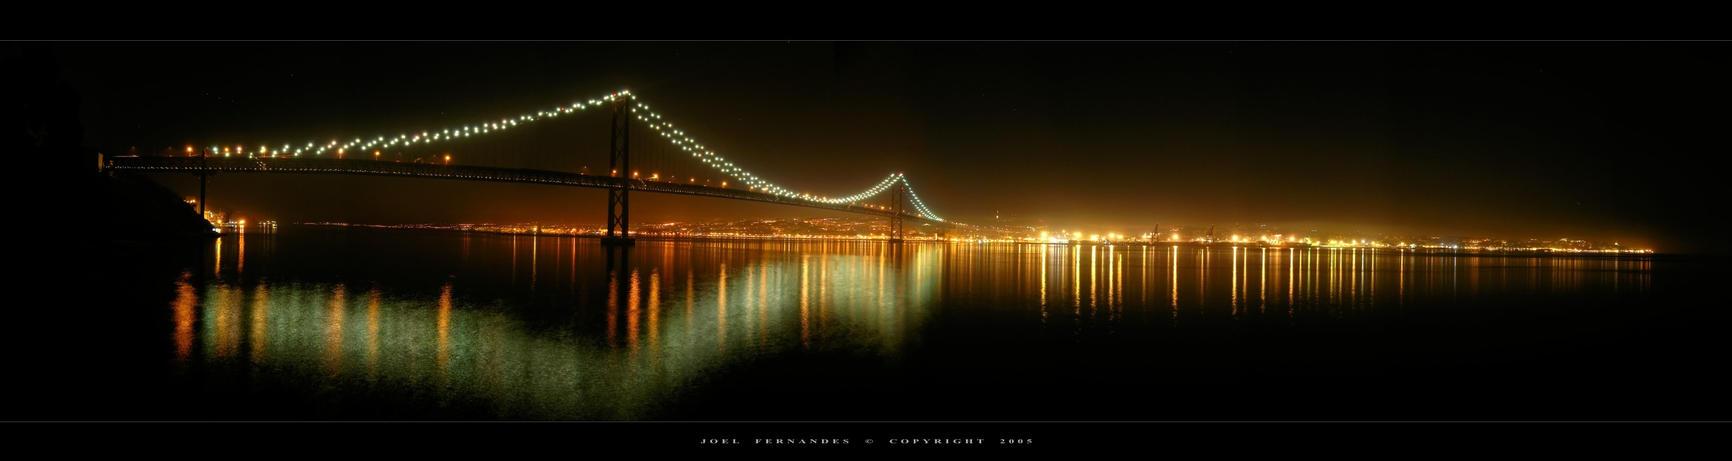 Tagus Bridge v2 by darkgod